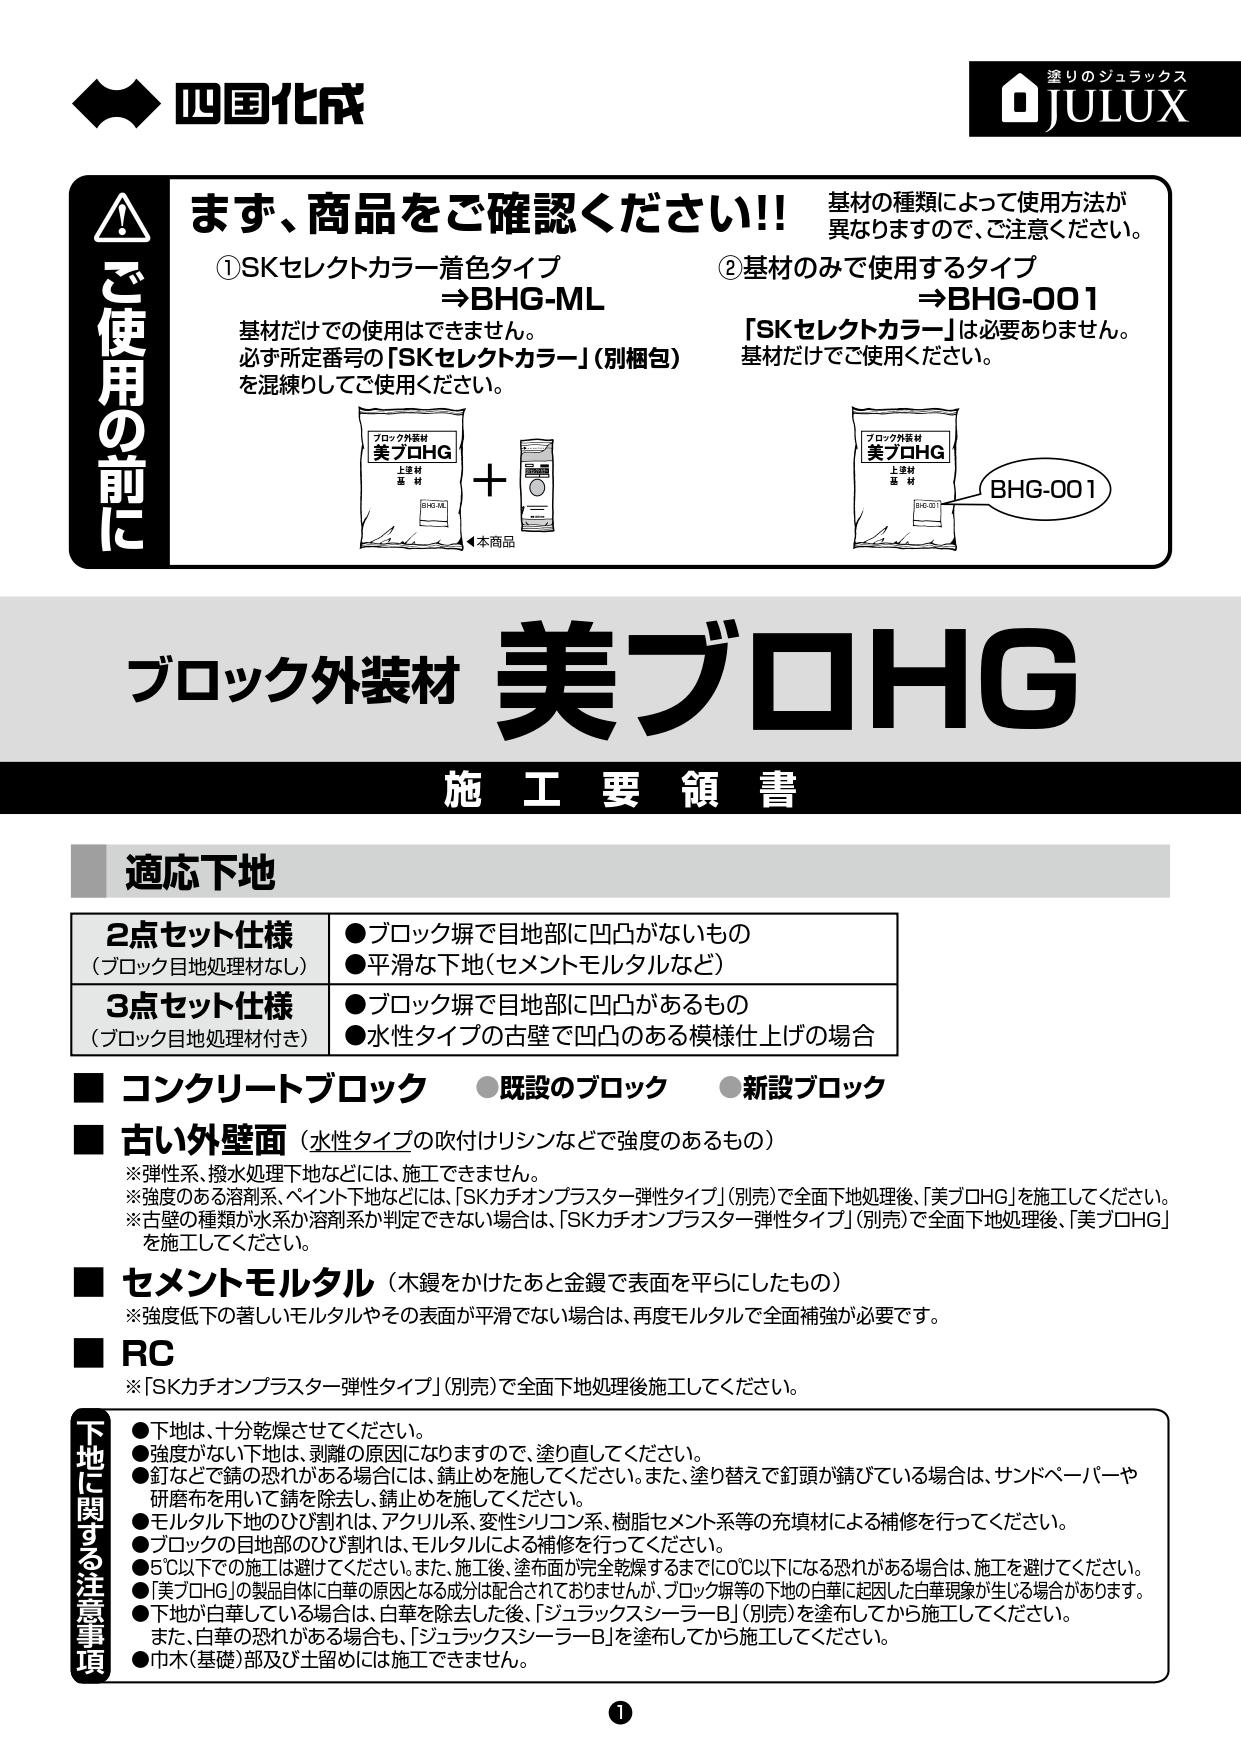 美ブロHG 施工要領書_page-0001